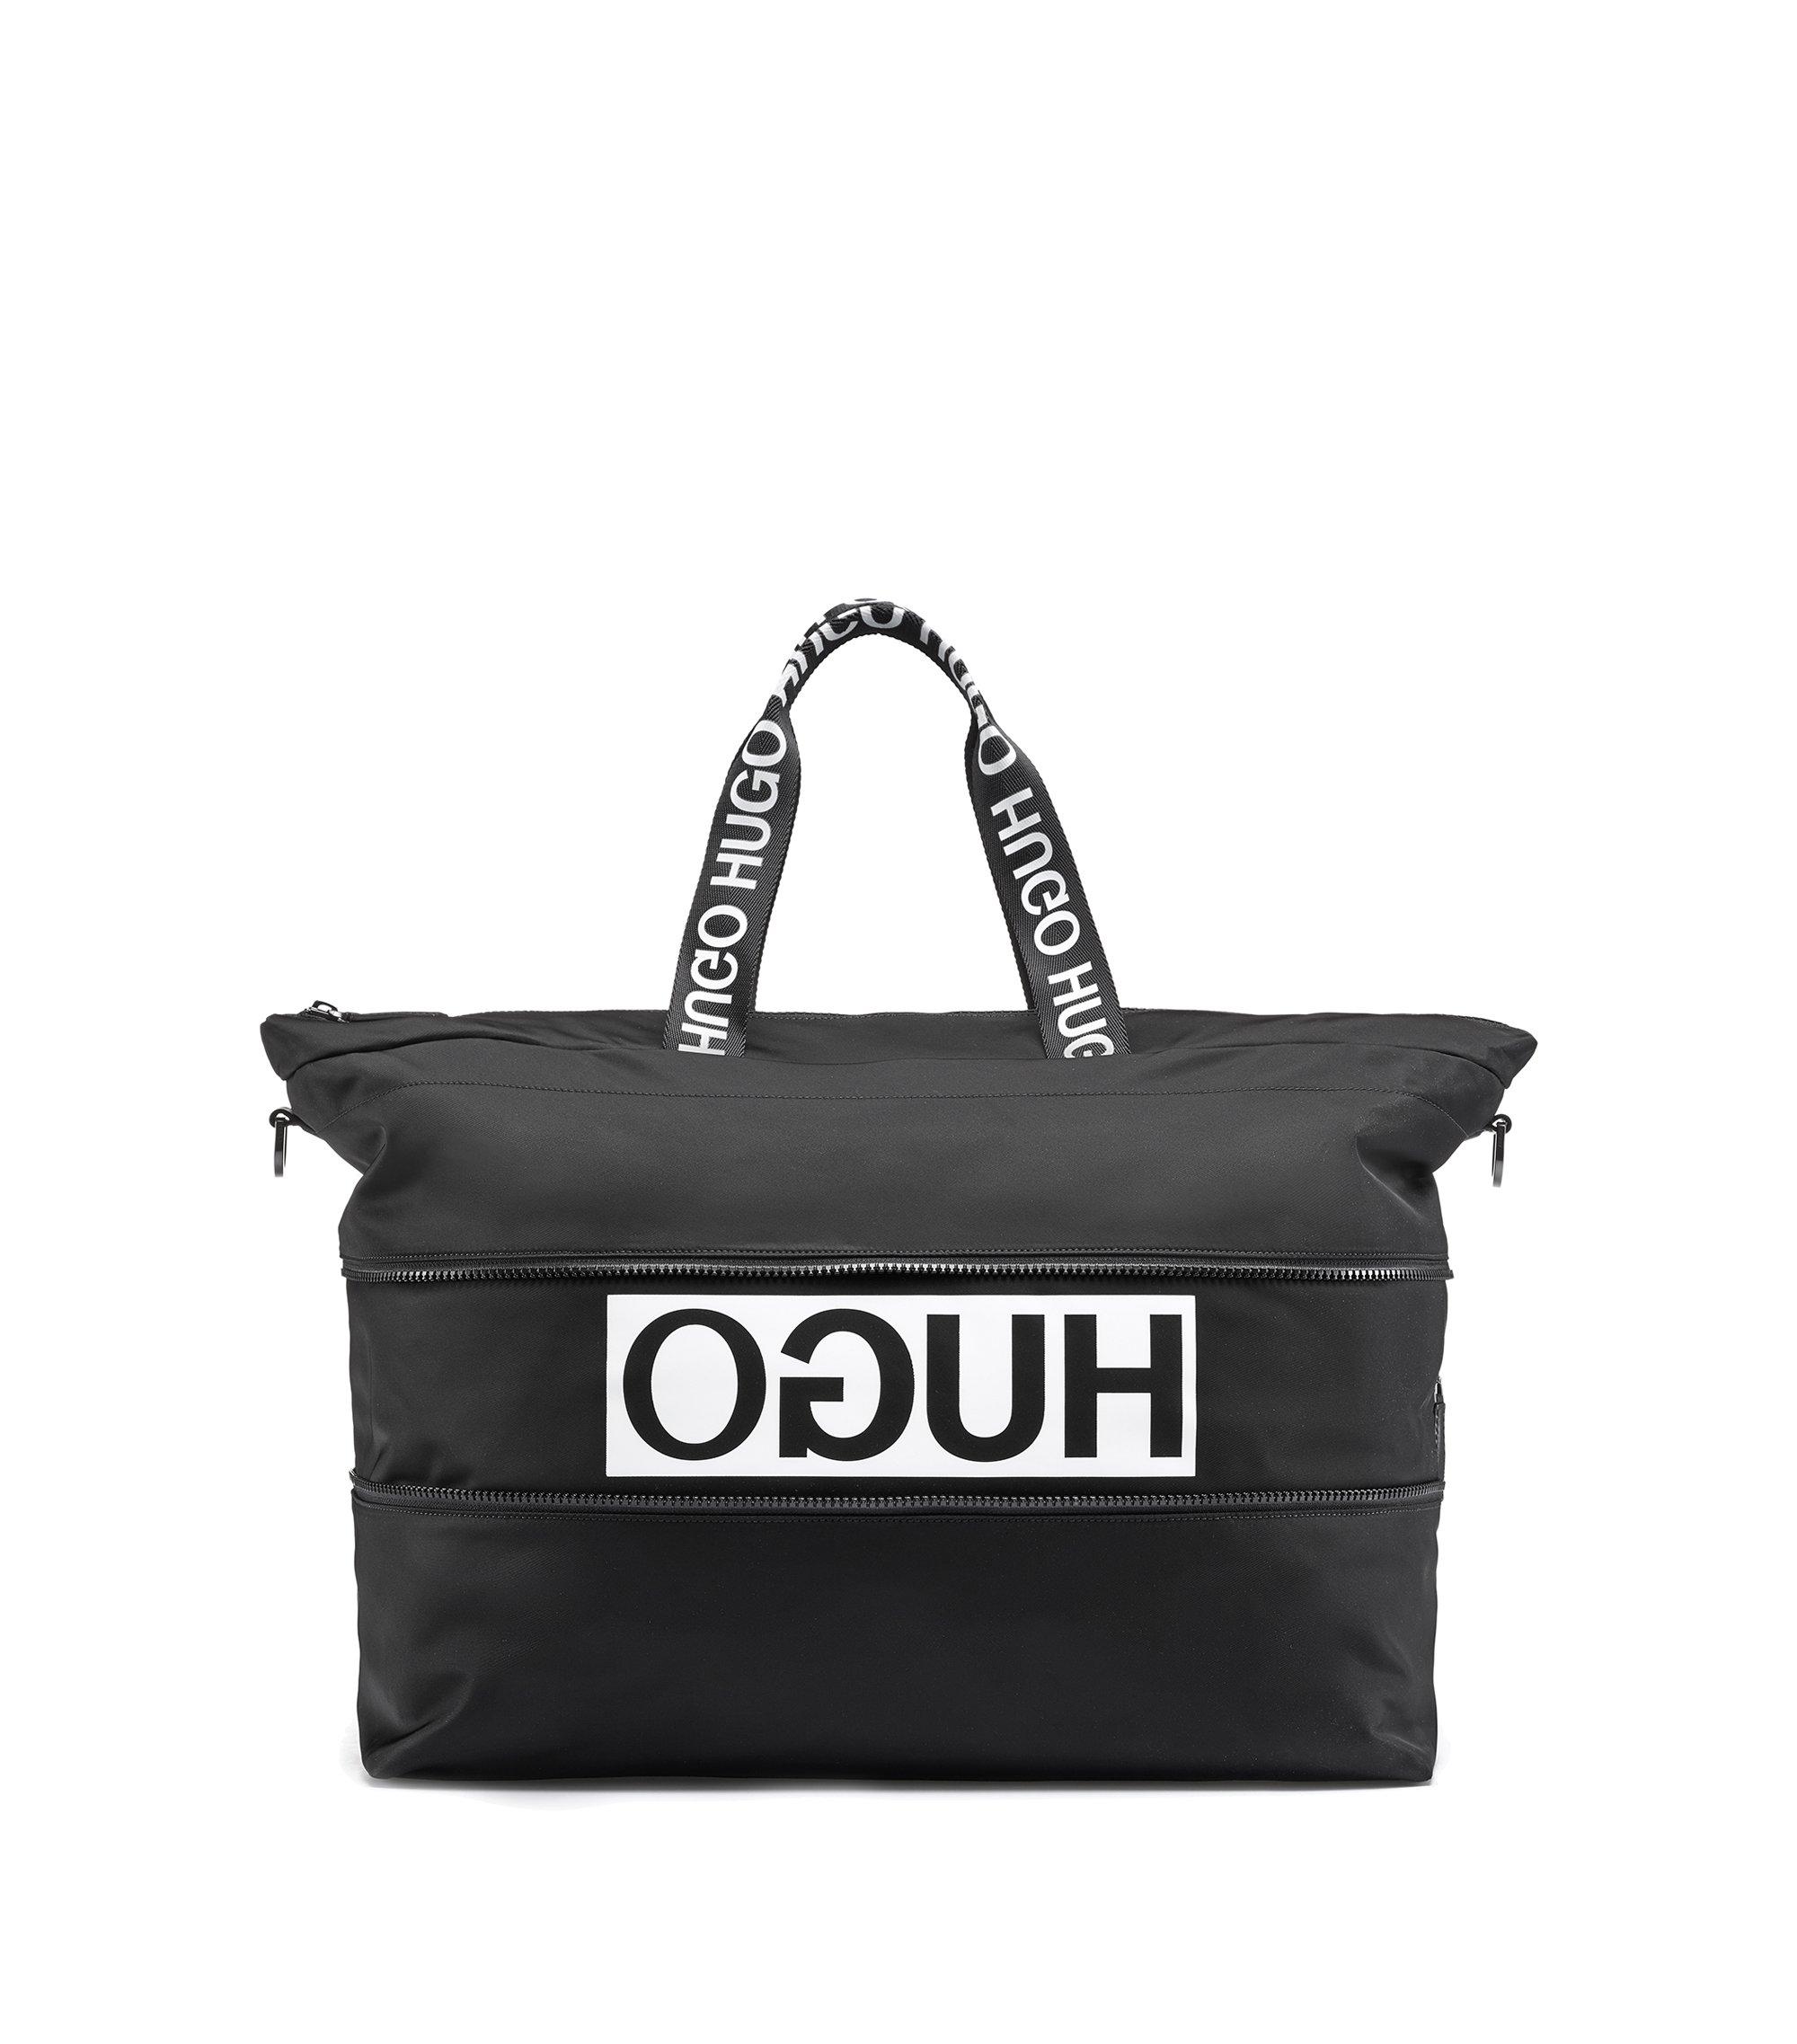 Vergrootbare weekendtas met gespiegeld logo van gabardine van technisch materiaal, Zwart